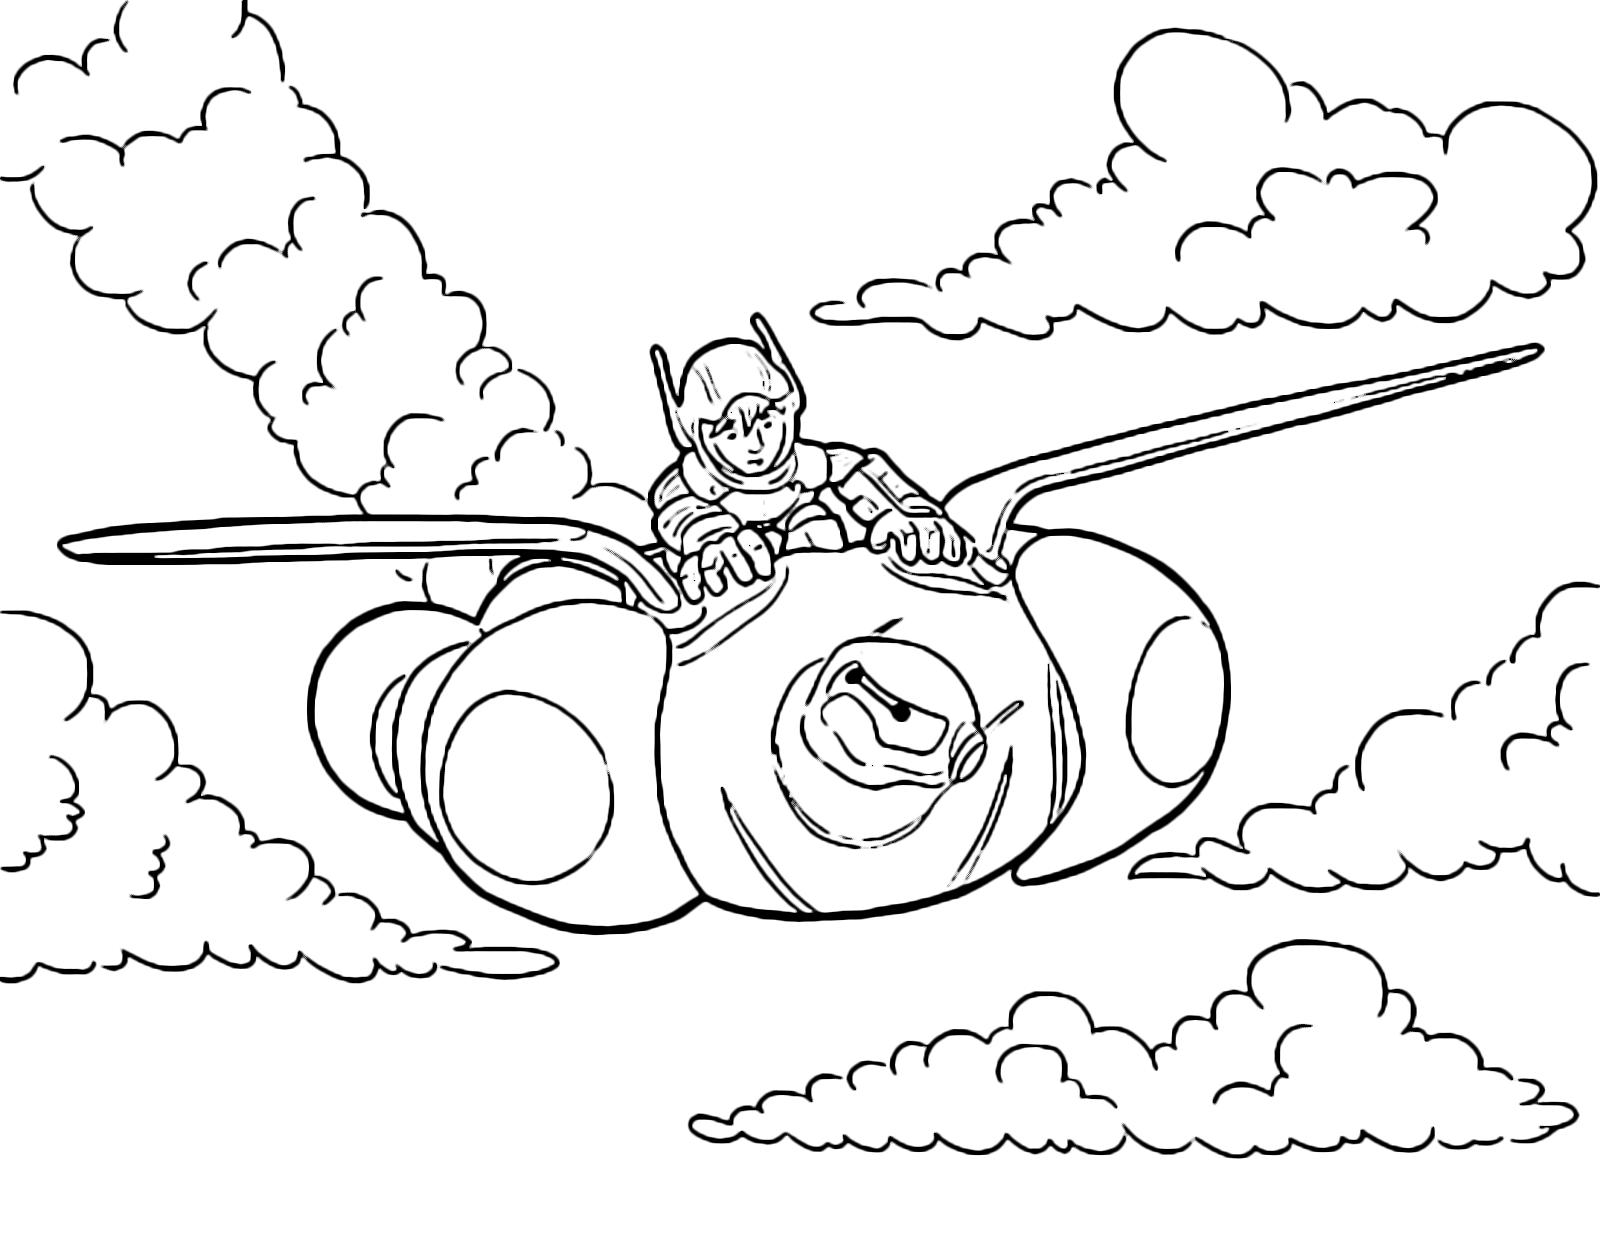 hiro vola con baymax fra le nuvole